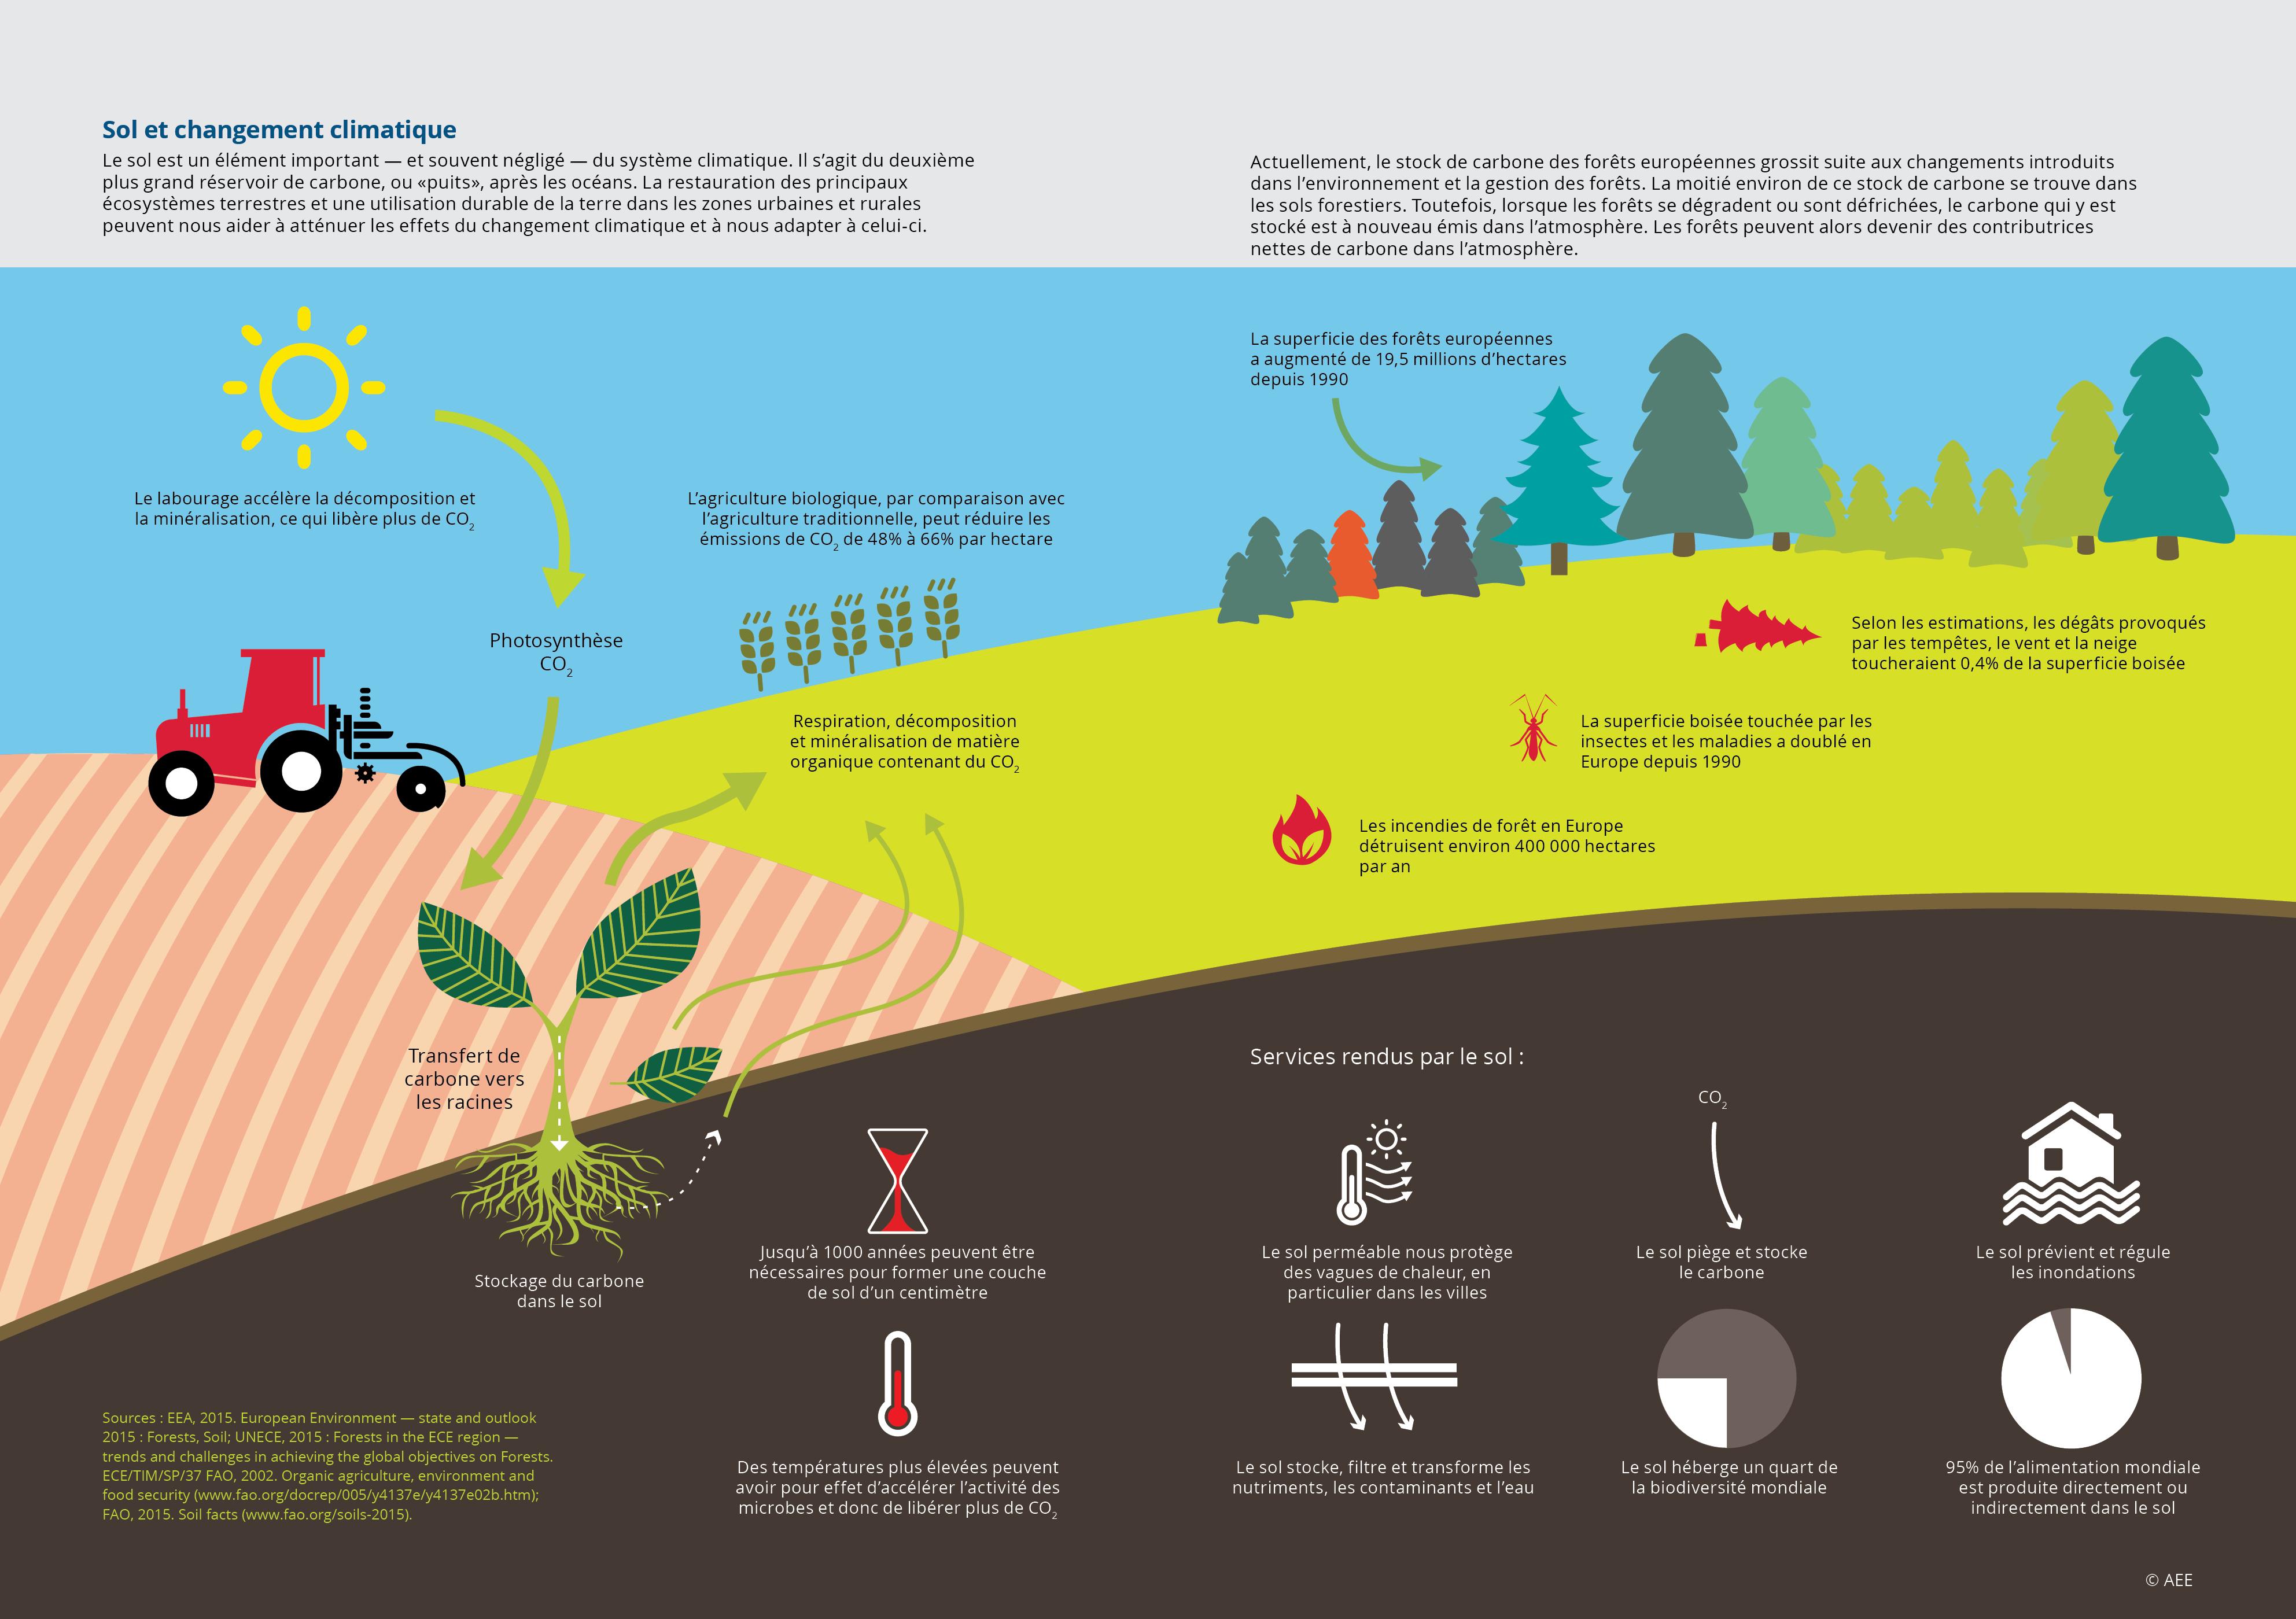 Sol et changement climatique